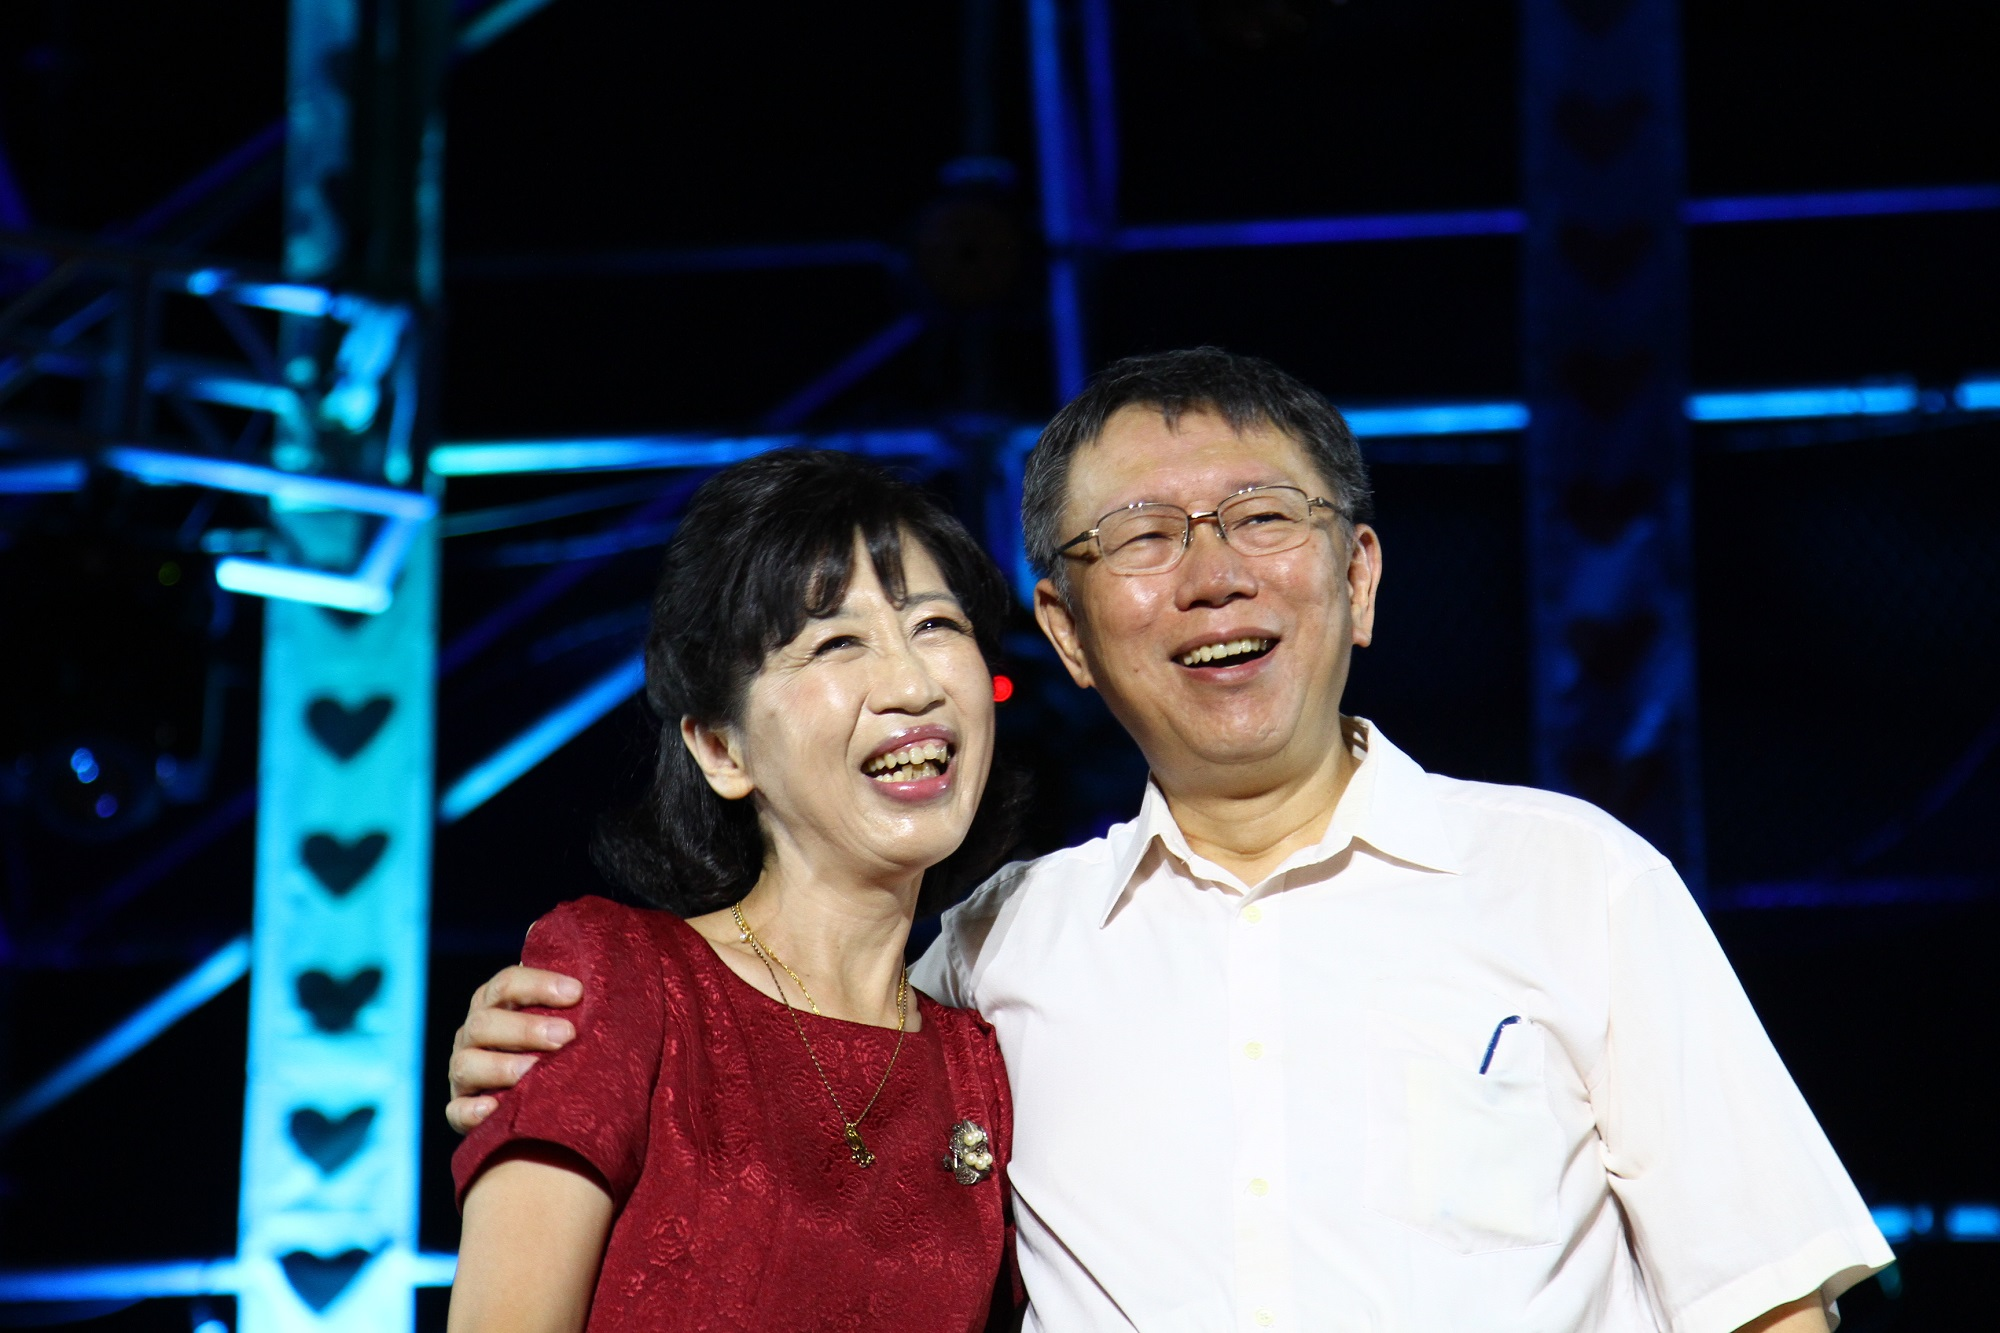 臺北市長柯文哲與夫人陳佩琪開心共度大稻埕情人日